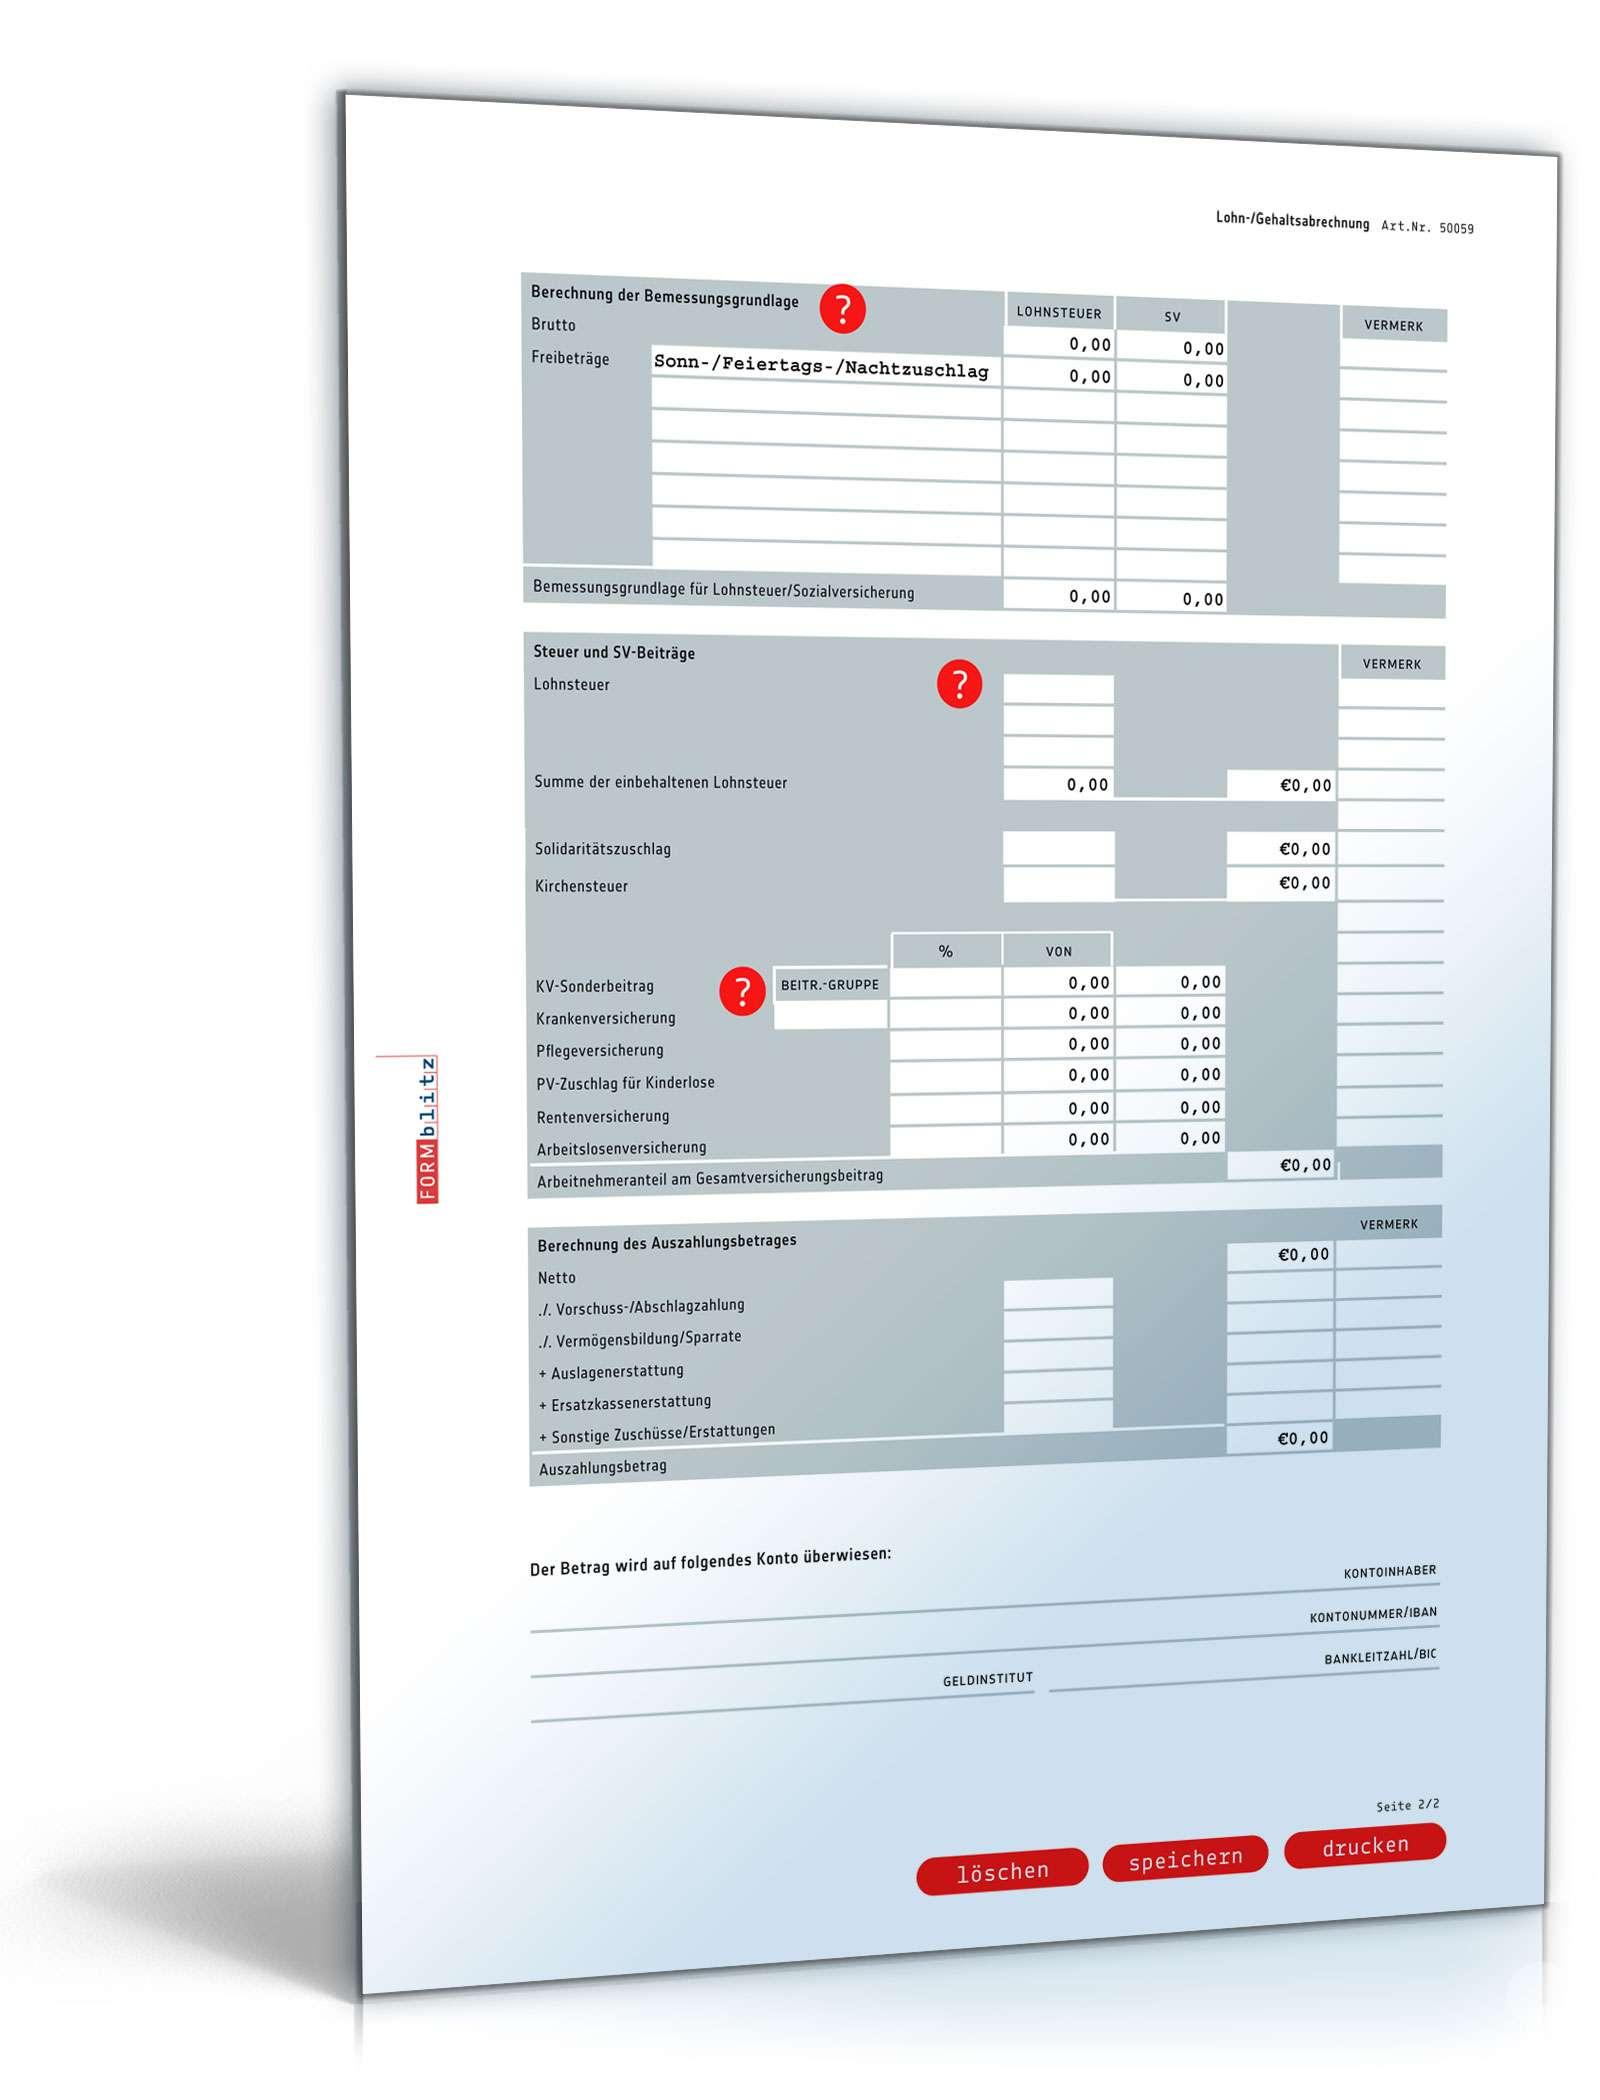 Lohnabrechnung 2015 Vorlage Zum Download